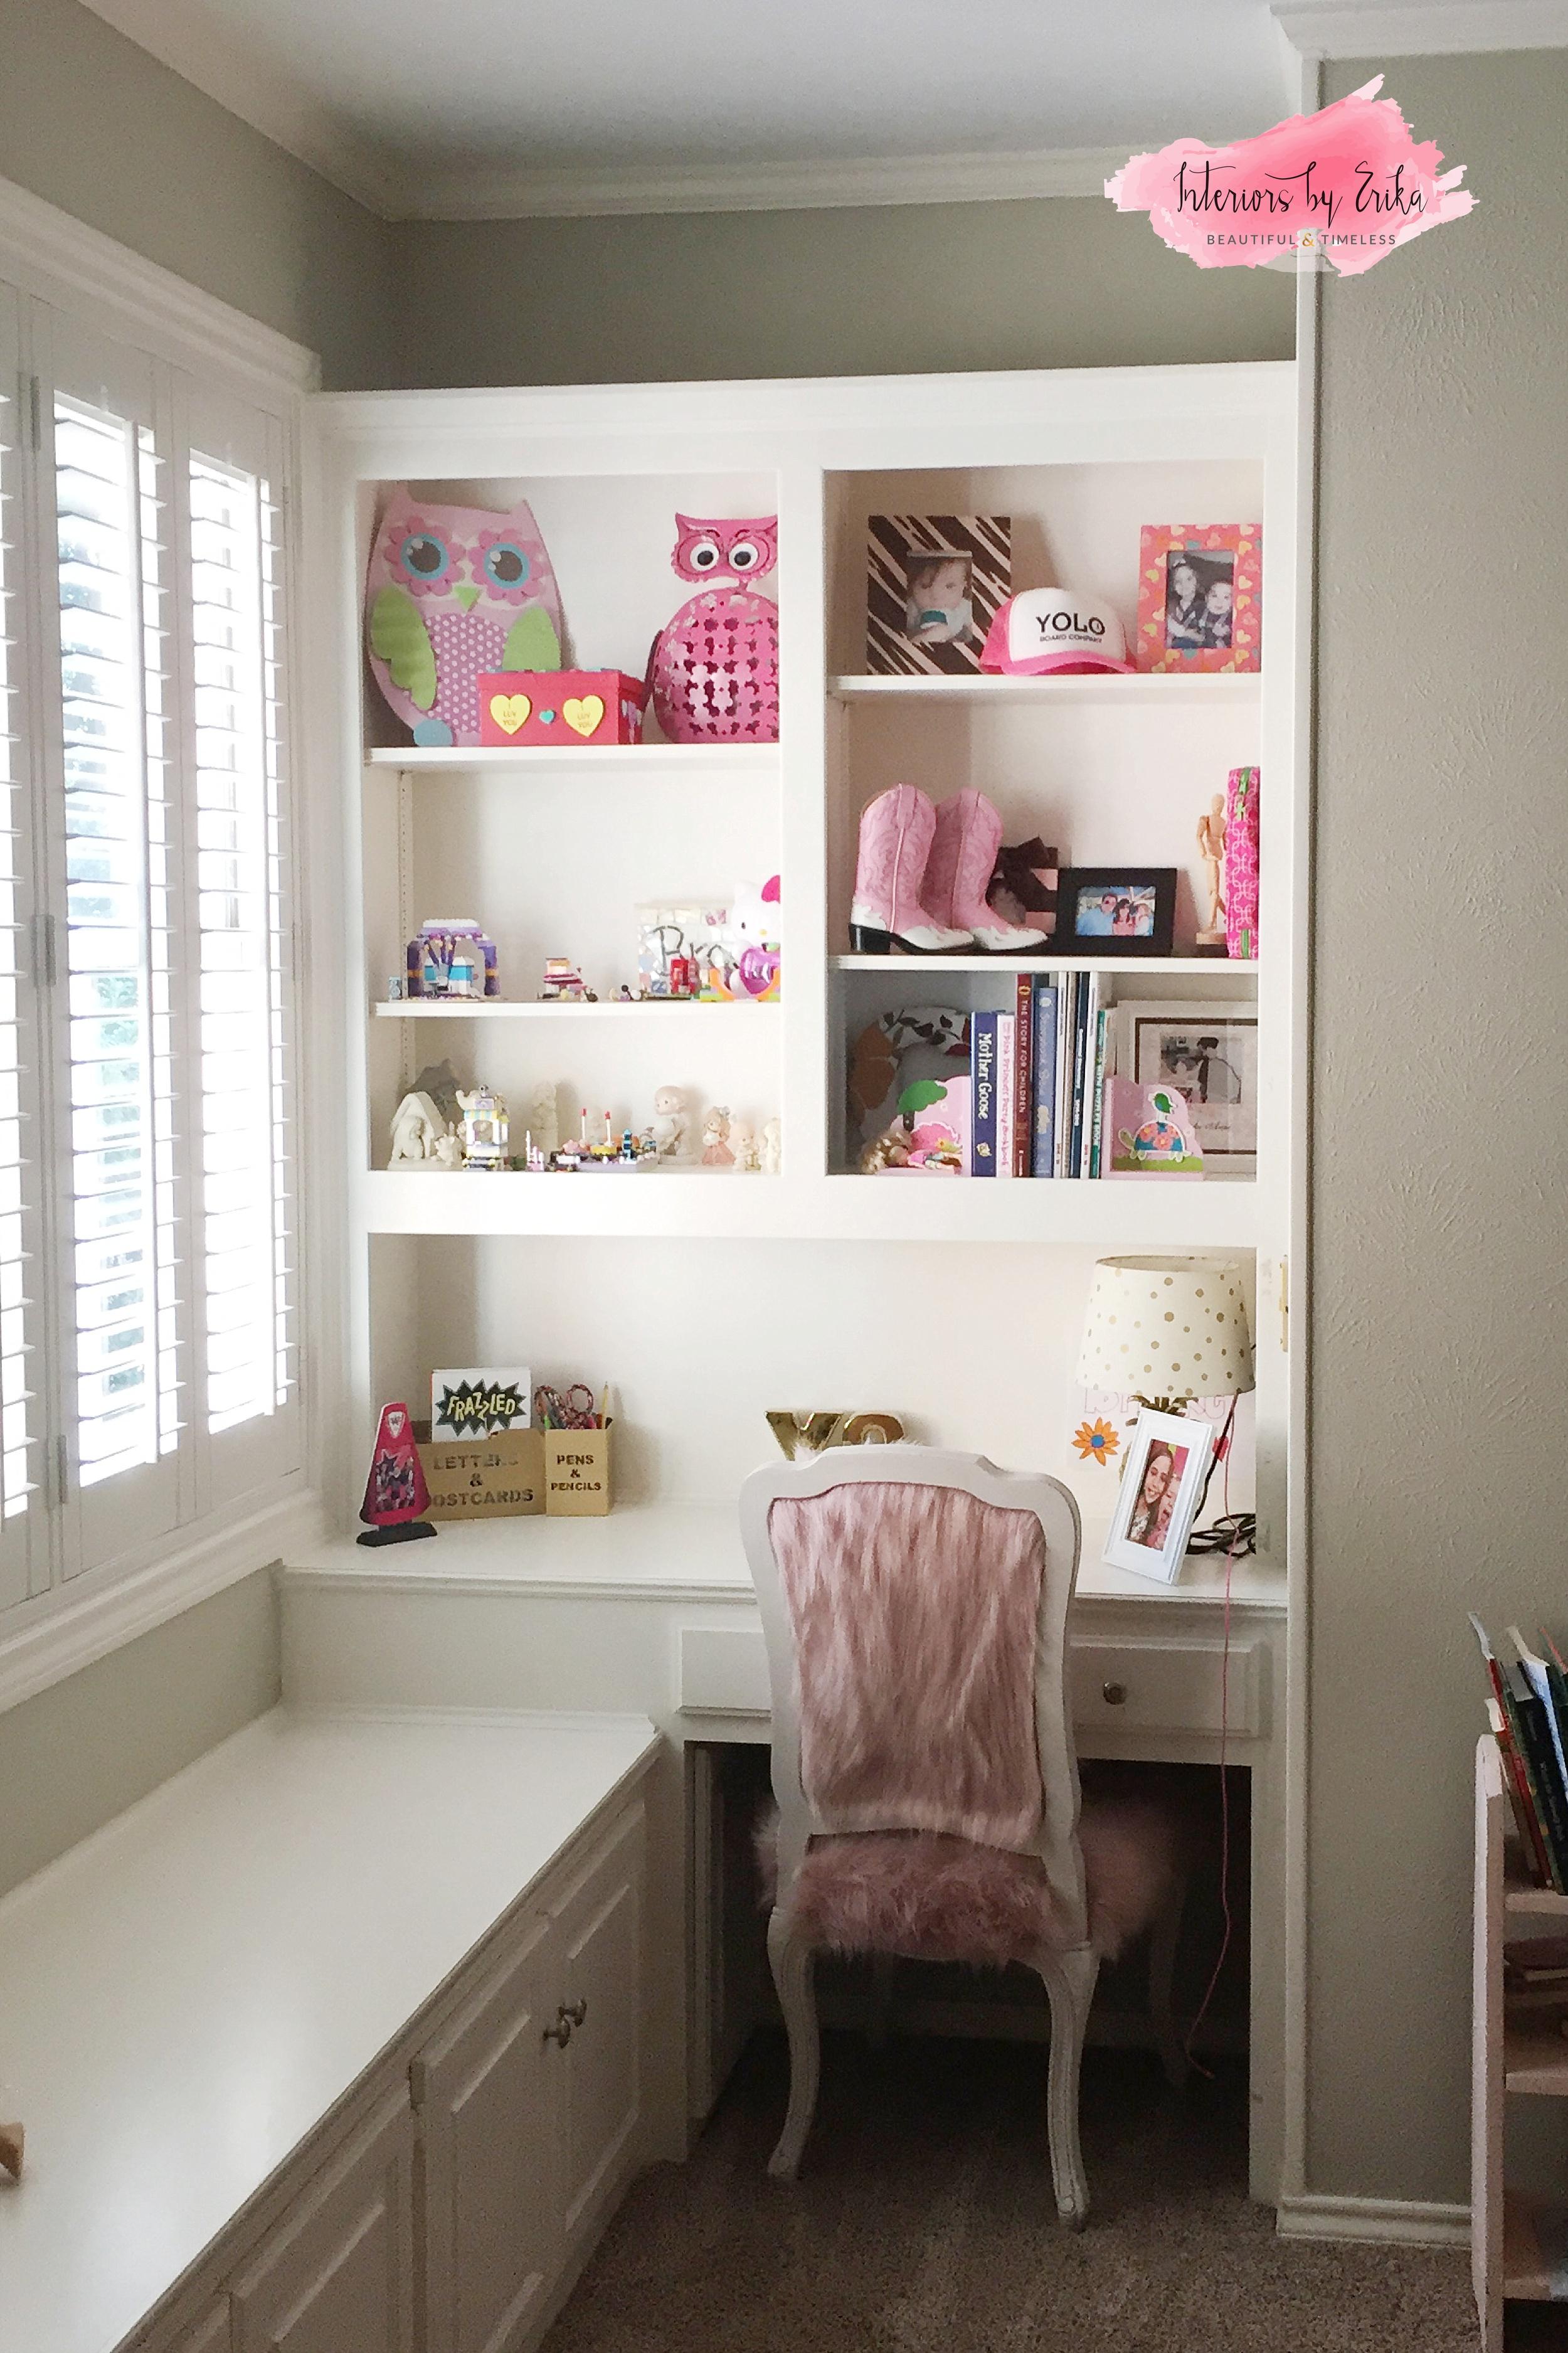 Teen Girl Room Decor_0003.jpg